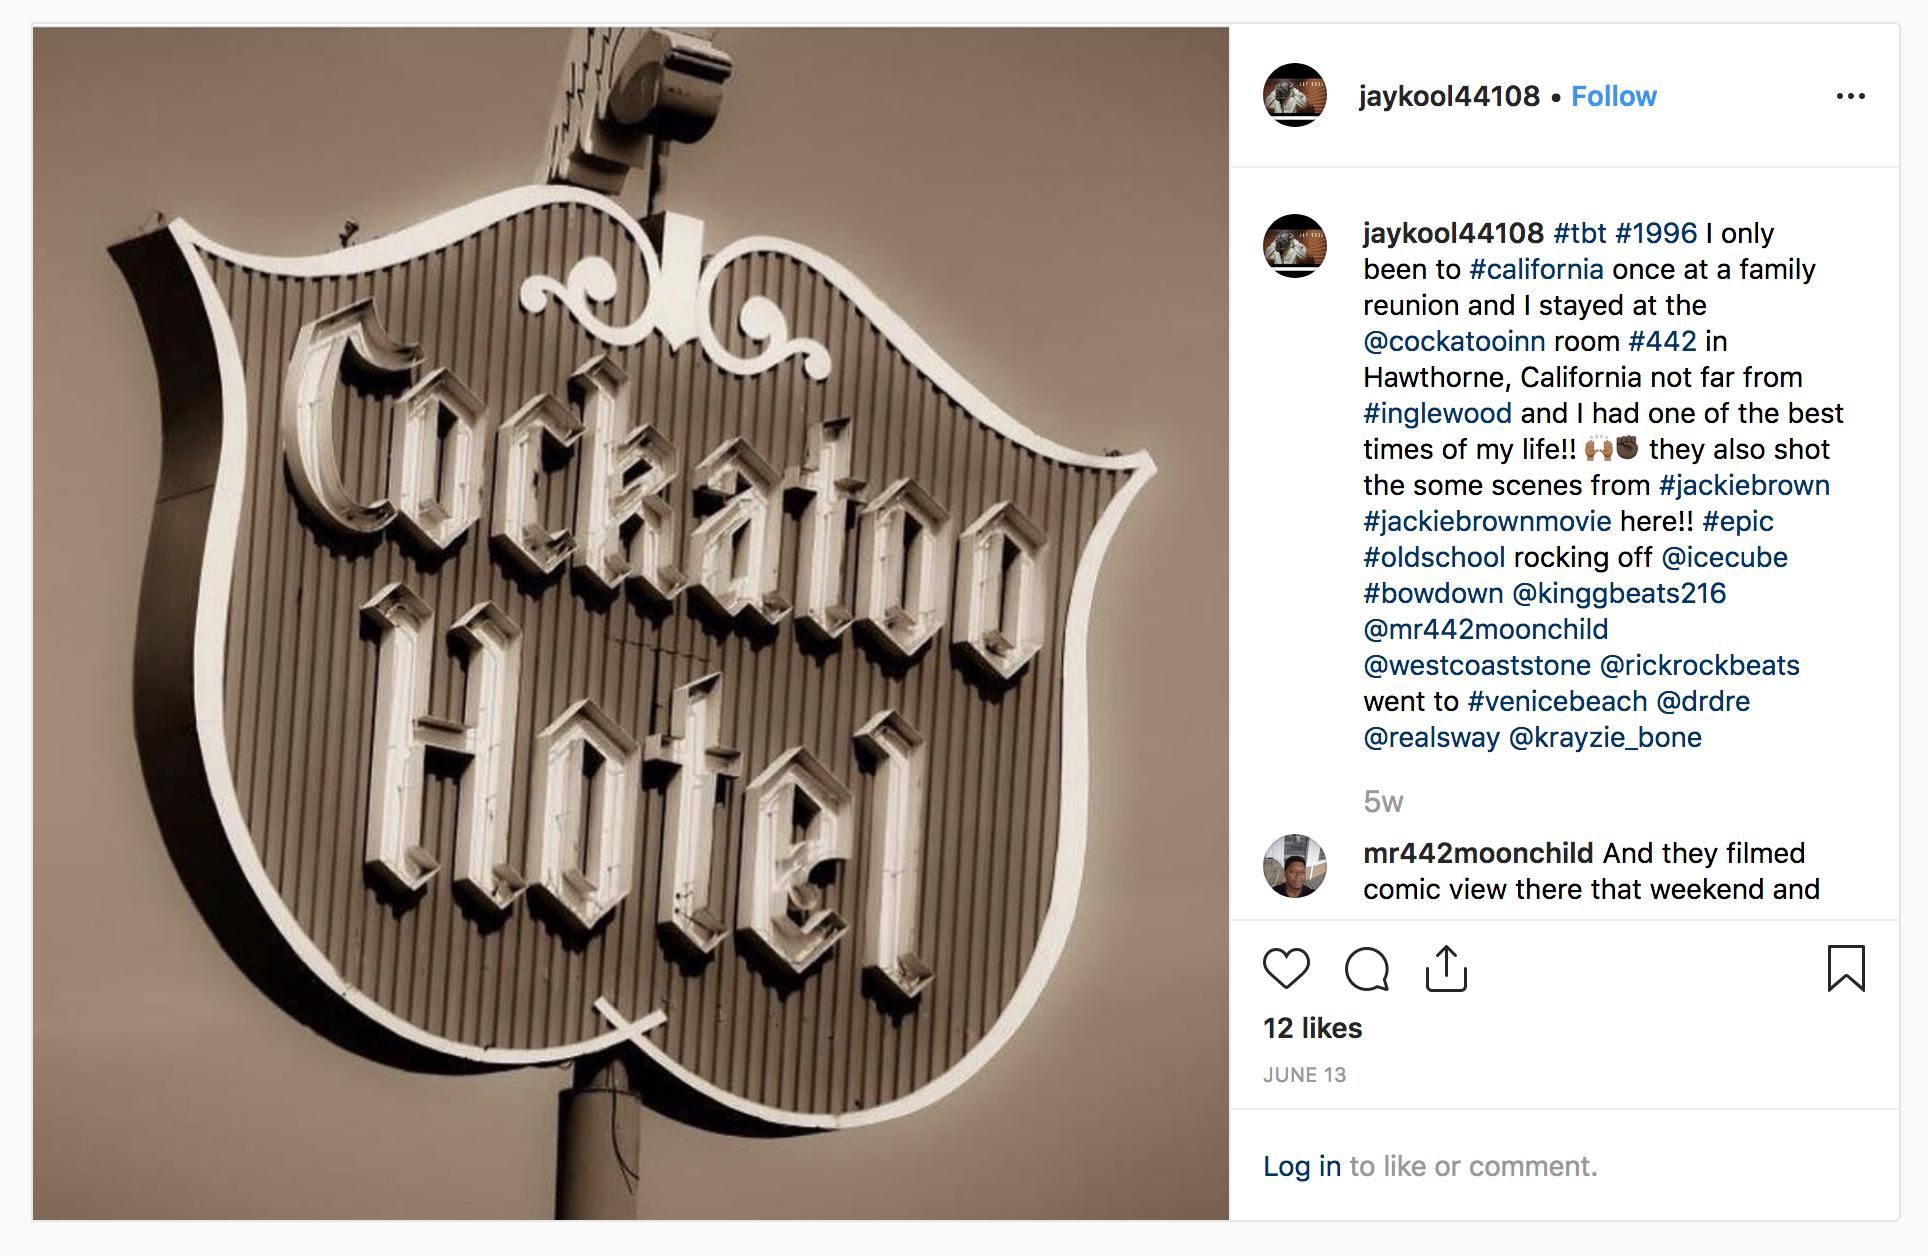 Jay Kool on his visit to the Cockatoo Inn